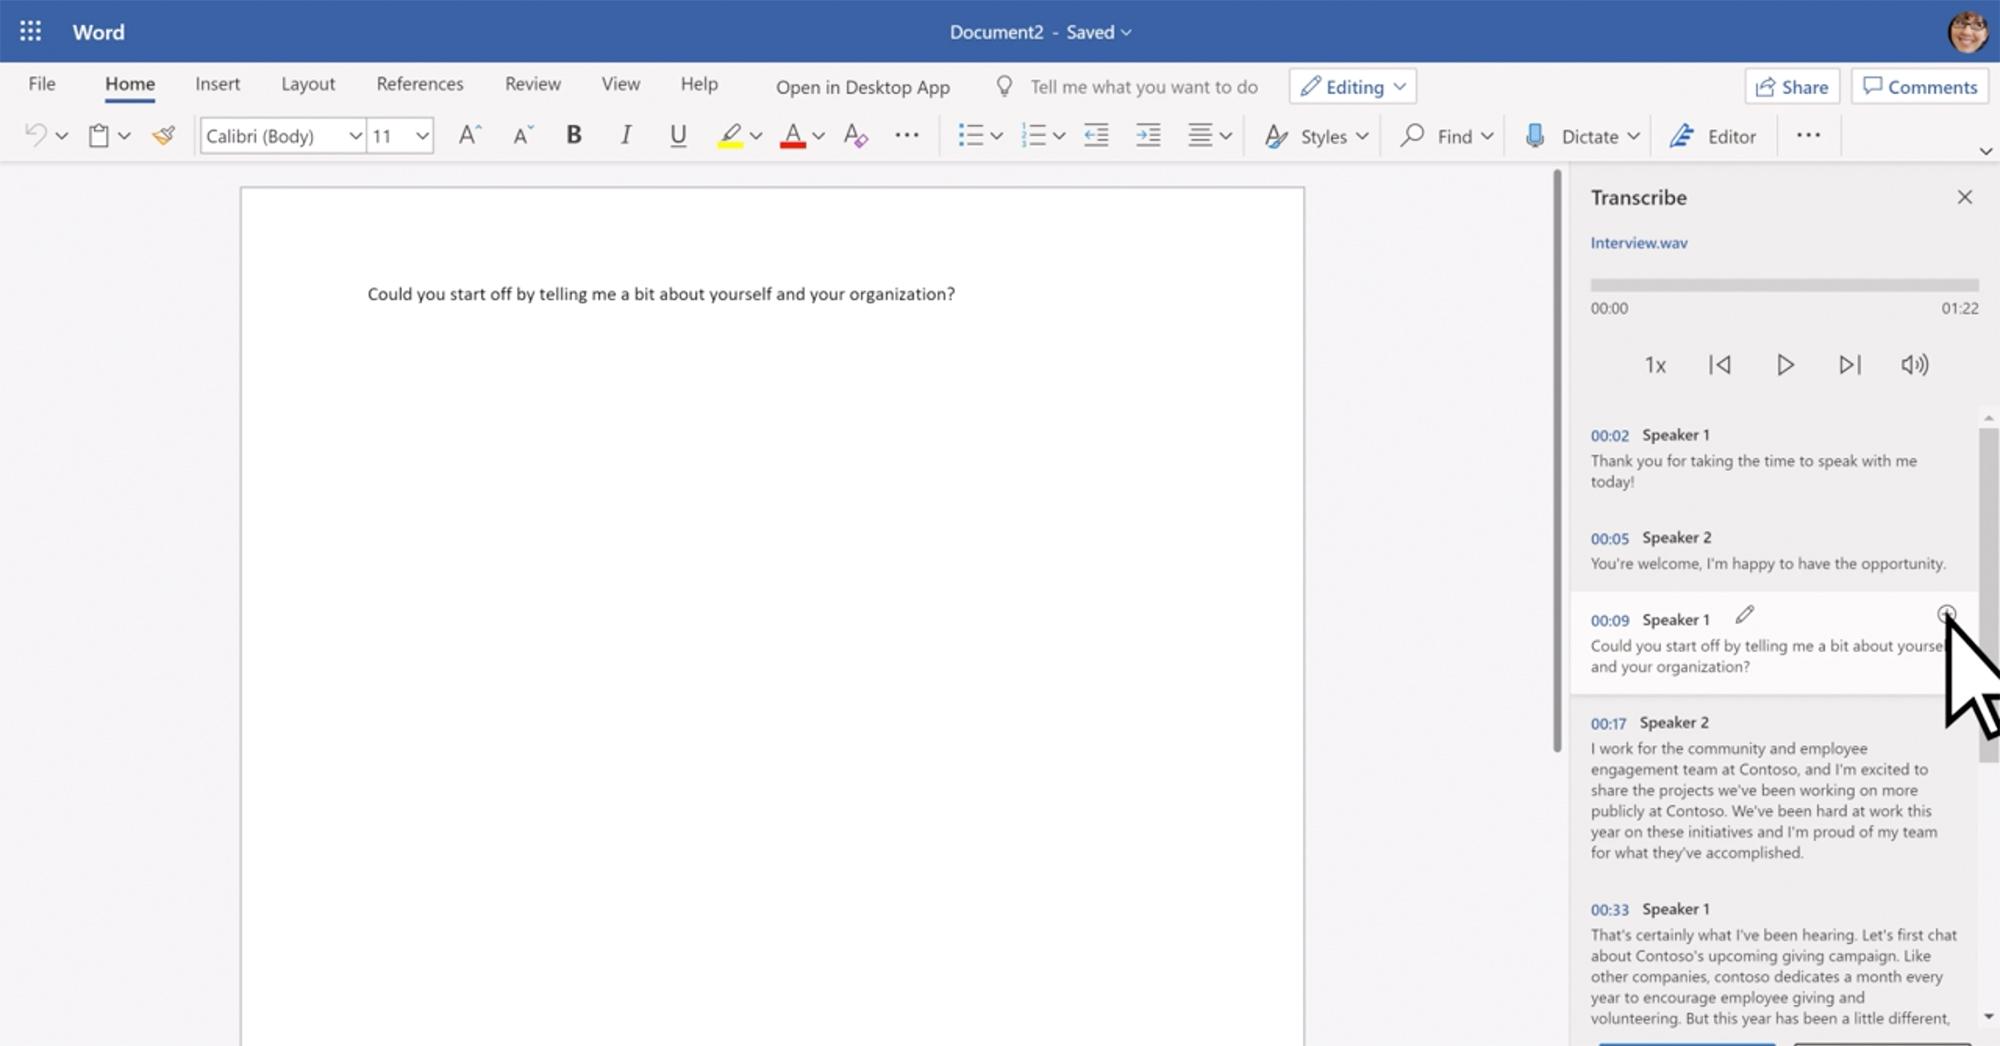 A nova função do Microsoft Word coloca a transcrição ao lado do texto principal